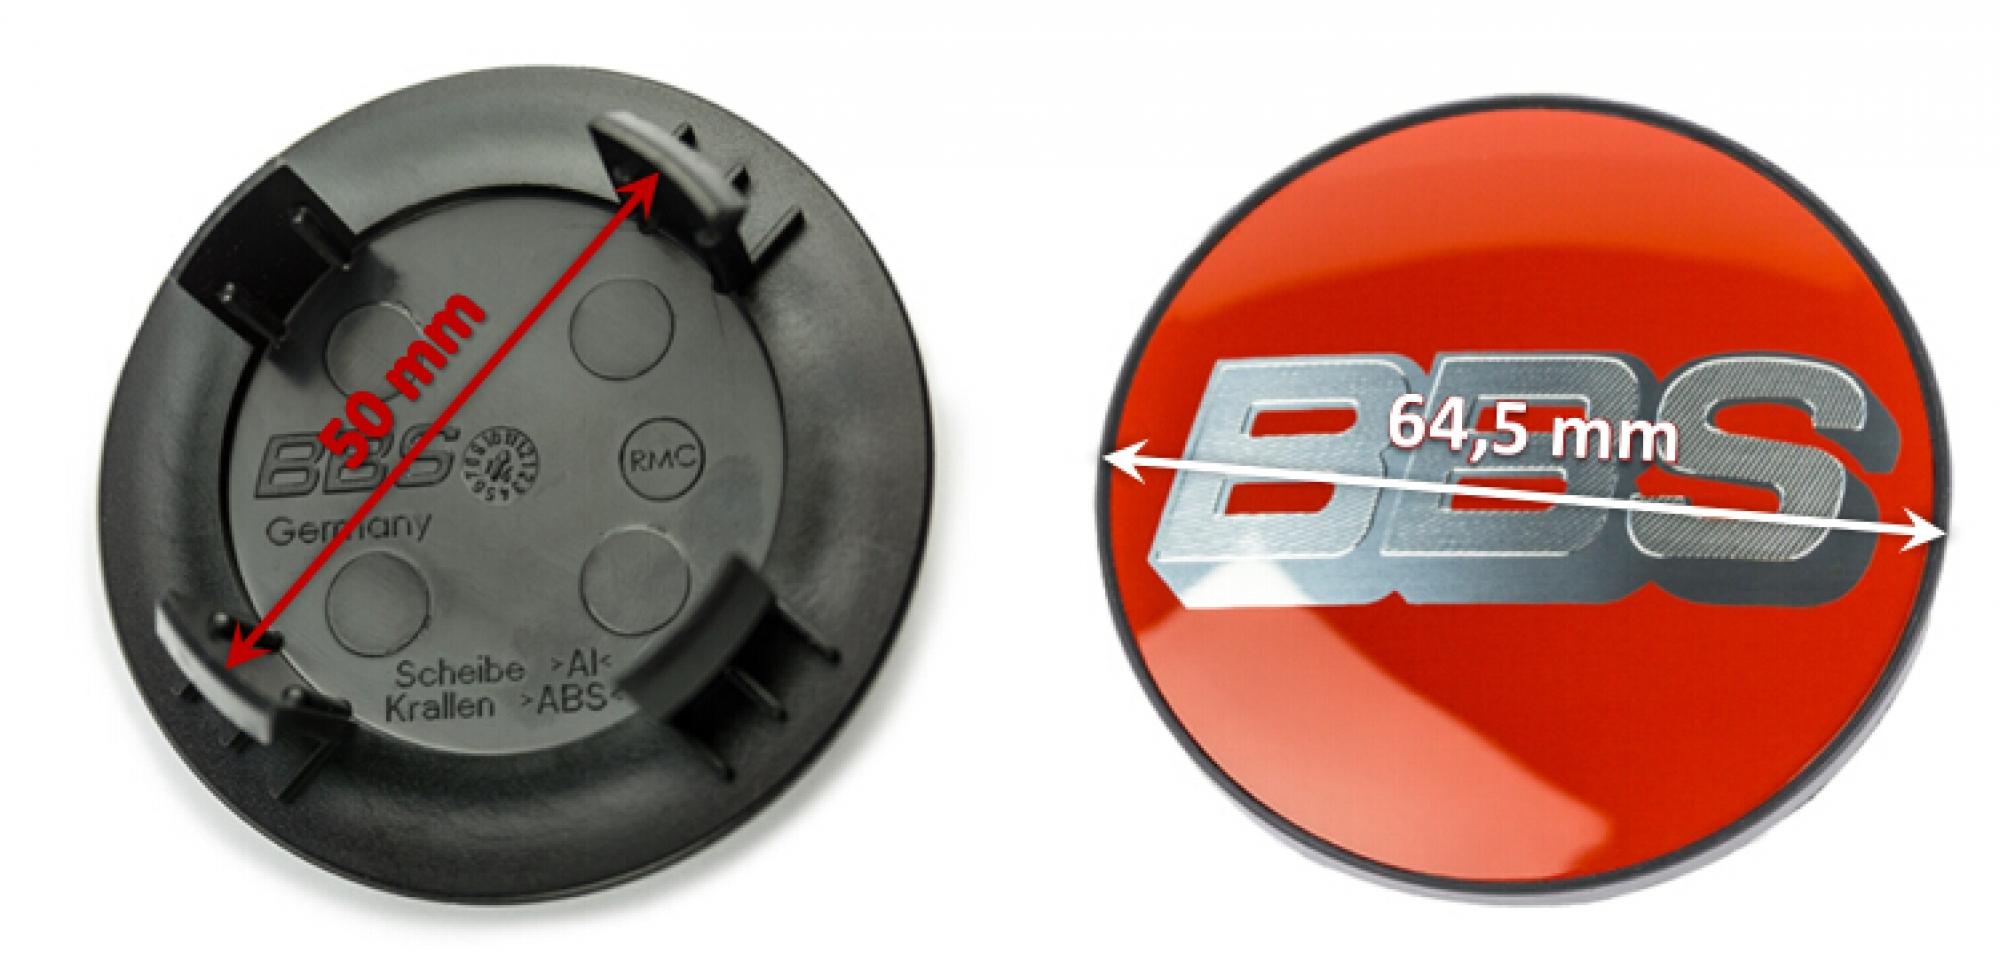 1 Geschwindigkeitsverh/ältnis Hochgeschwindigkeitsfischschnur Spule Rad Karpfenk/öder Angelger/ät Everpertuk Metallspinnrollenlager 6 1 BBS 7,1